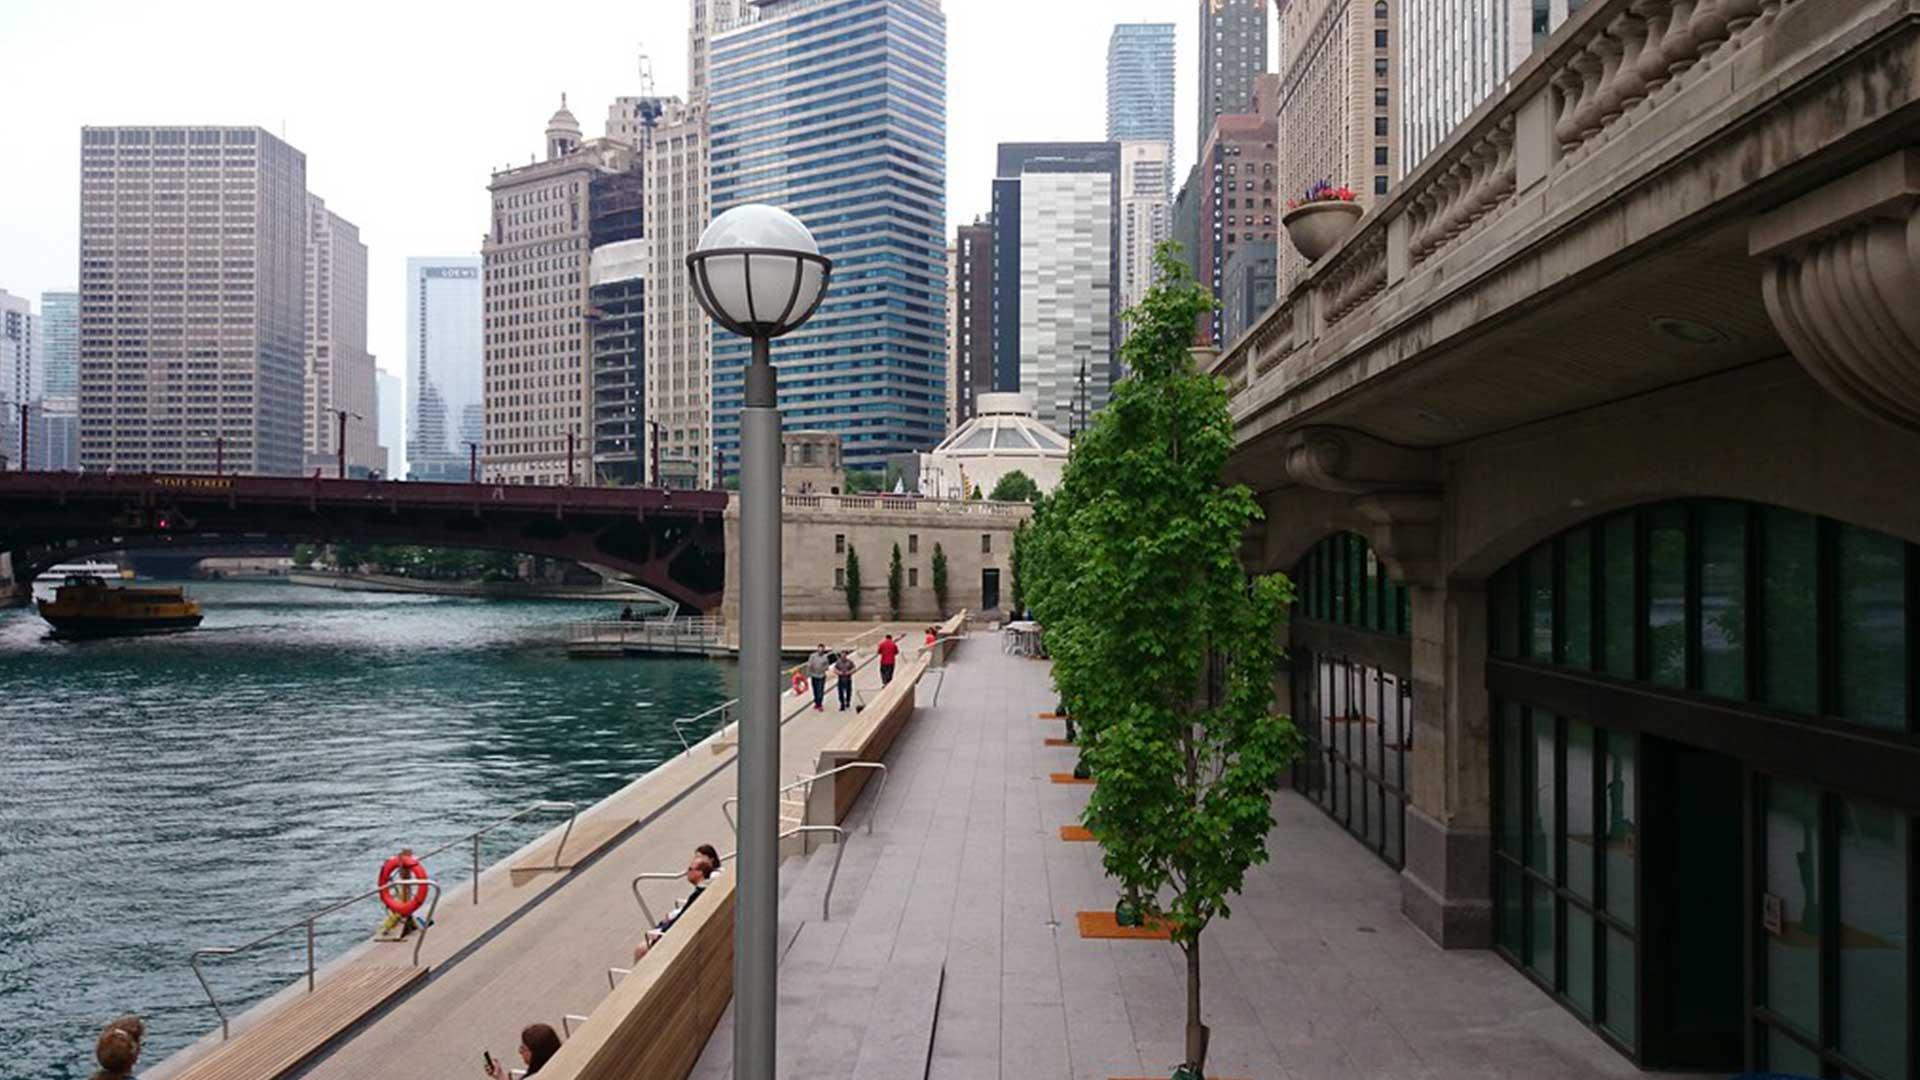 Chicago Riverwalk in Chicago, Illinois